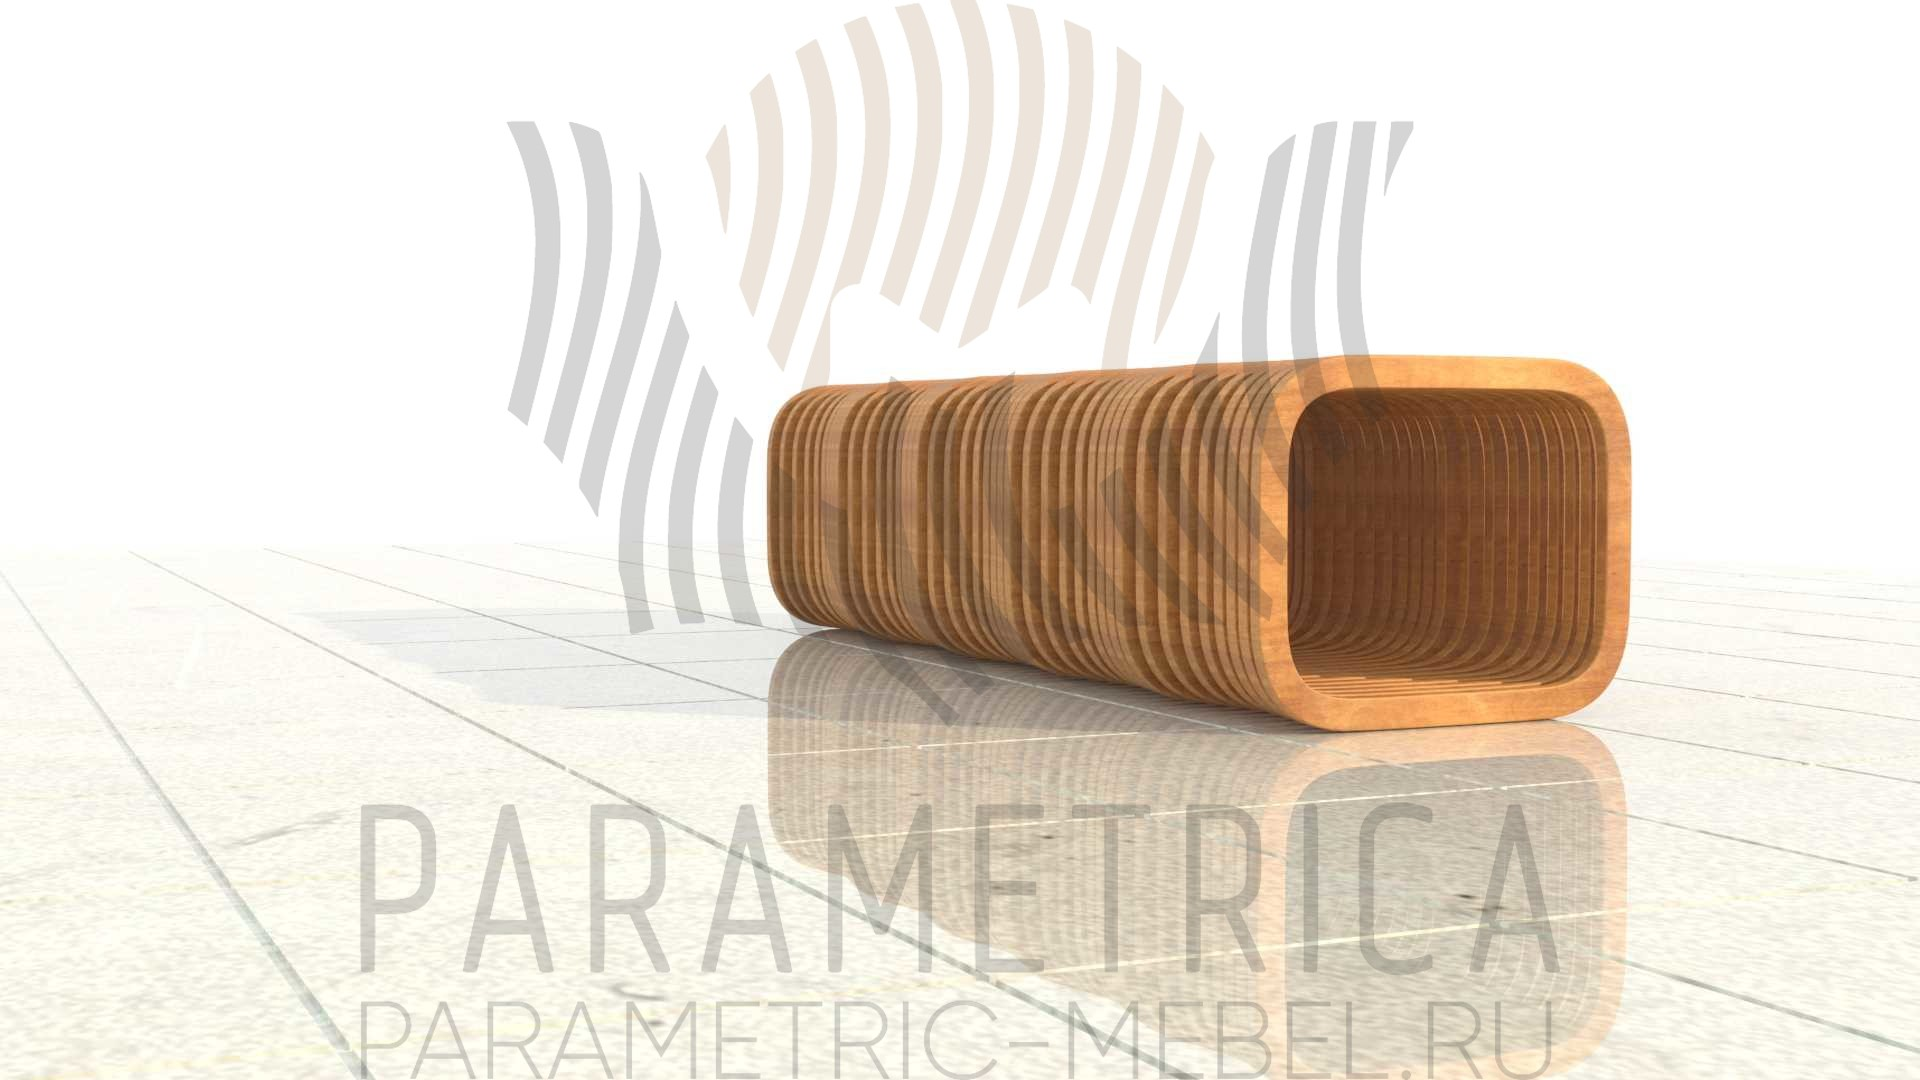 Параметрическая скамья BENCH MATRIX